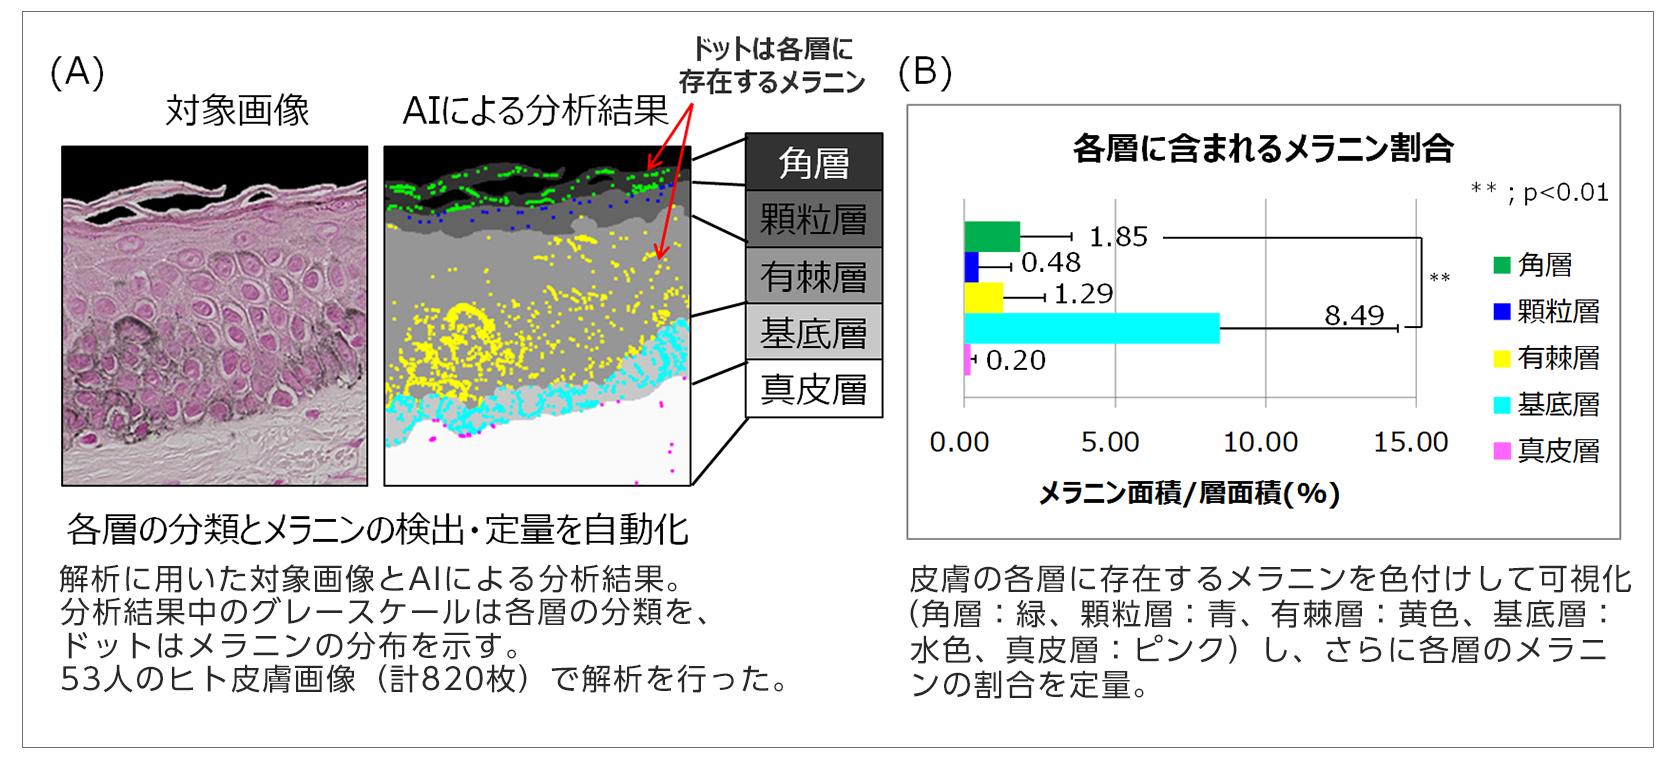 【図2】AIを活用した画像認識技術を応用した皮膚のメラニン分布解析